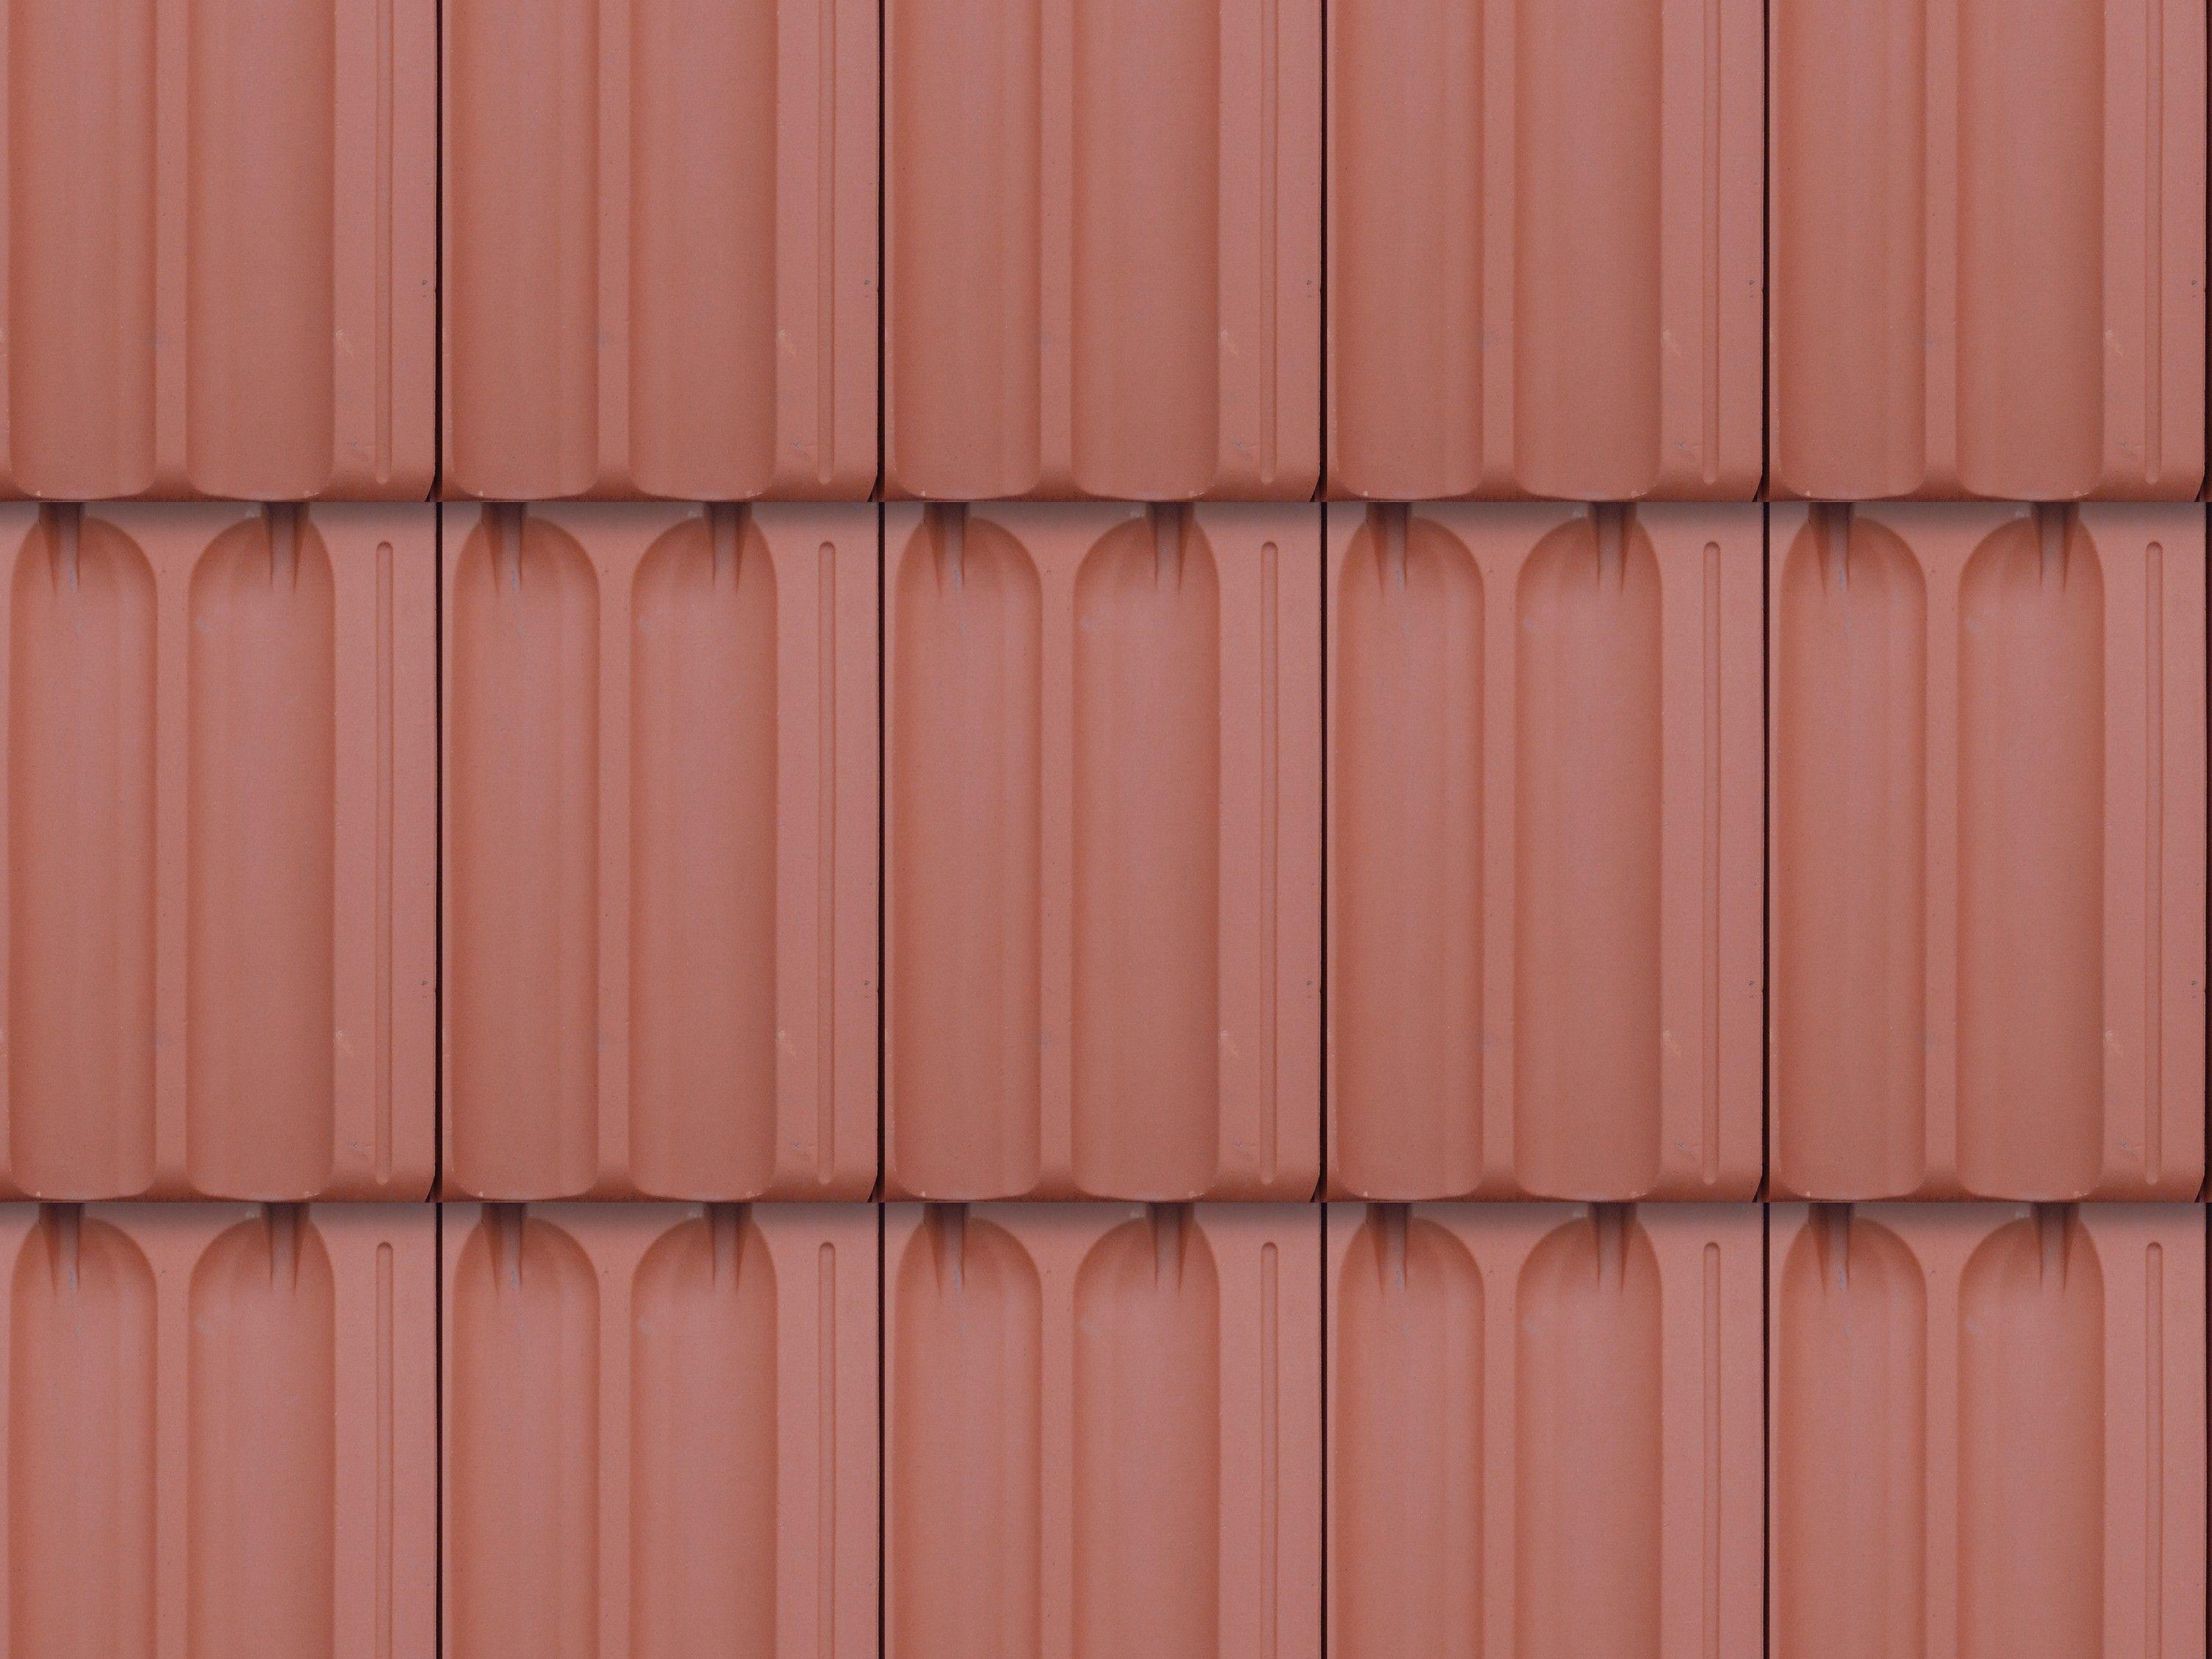 Roof Texture0012 Designs De Bordados De Madeira